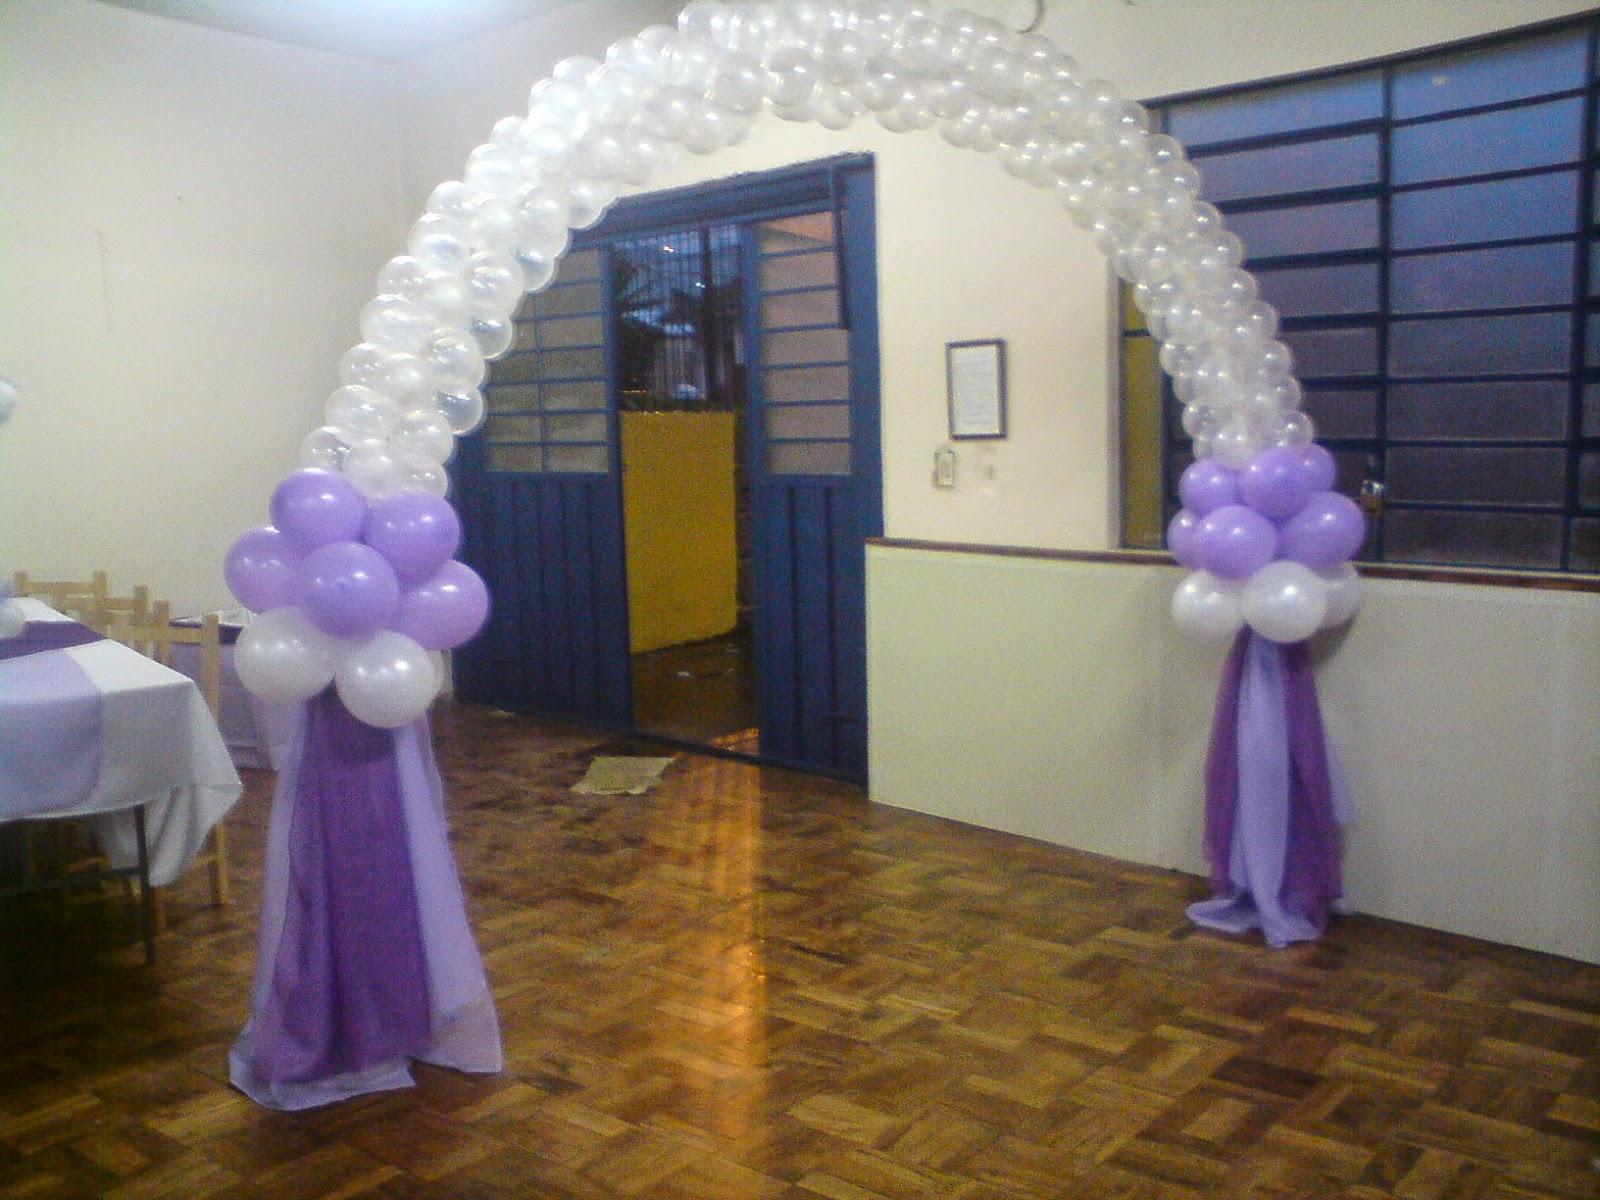 ED FESTAS DECORA u00c7ÃO DE CASAMENTO COM BAL u00d5ES -> Decoração Balões Casamento